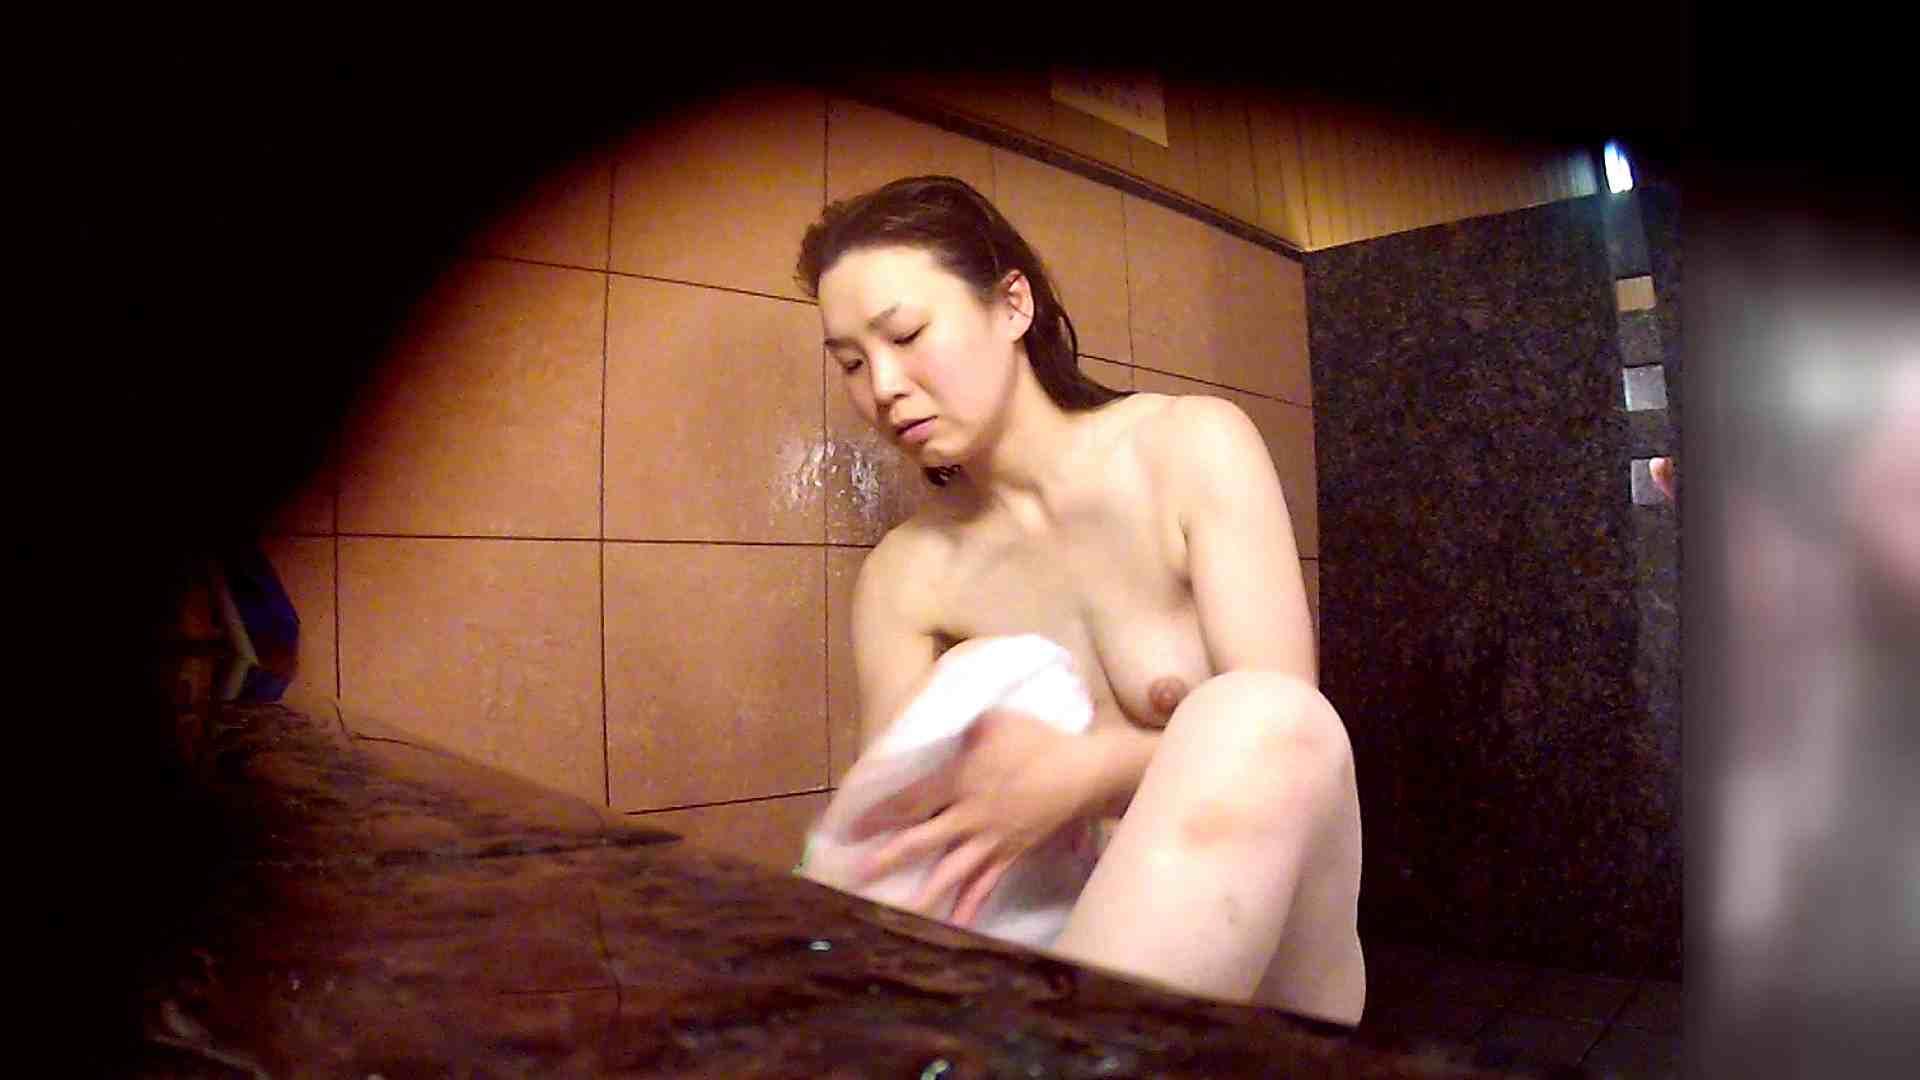 洗い場!マッスルお嬢さん!でもオッパイだけは柔らかそうです。 巨乳 | むっちり  108画像 23